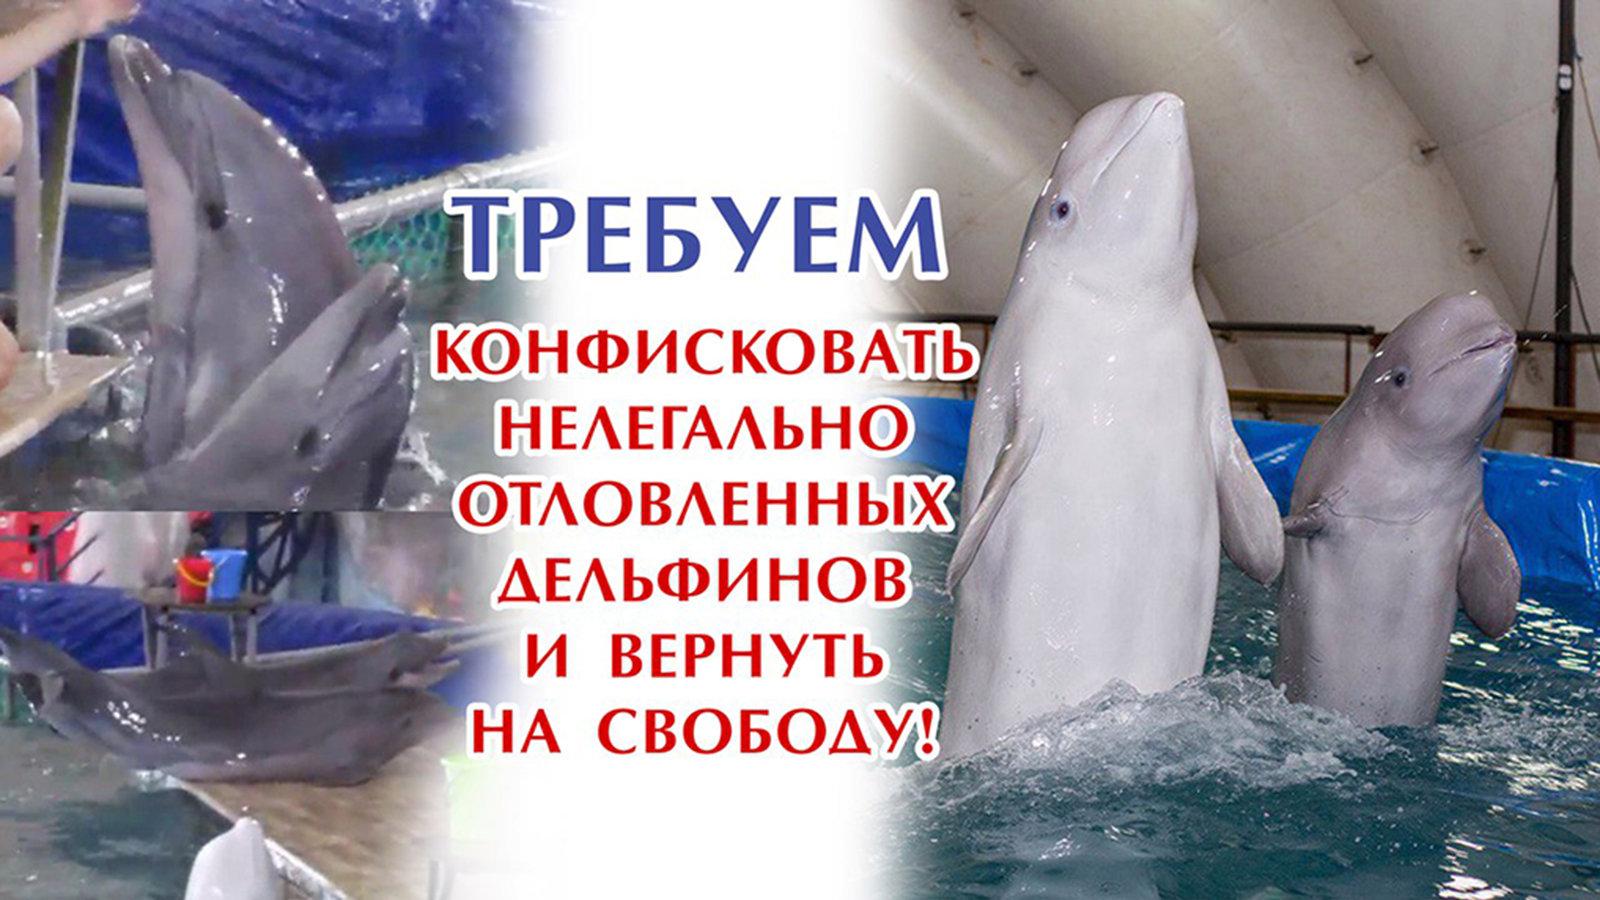 Начальнику Генеральной прокуратуры Чайка Юрию Яковлевичу: Конфисковать нелегально отловленных дельфинов и вернуть на свободу!